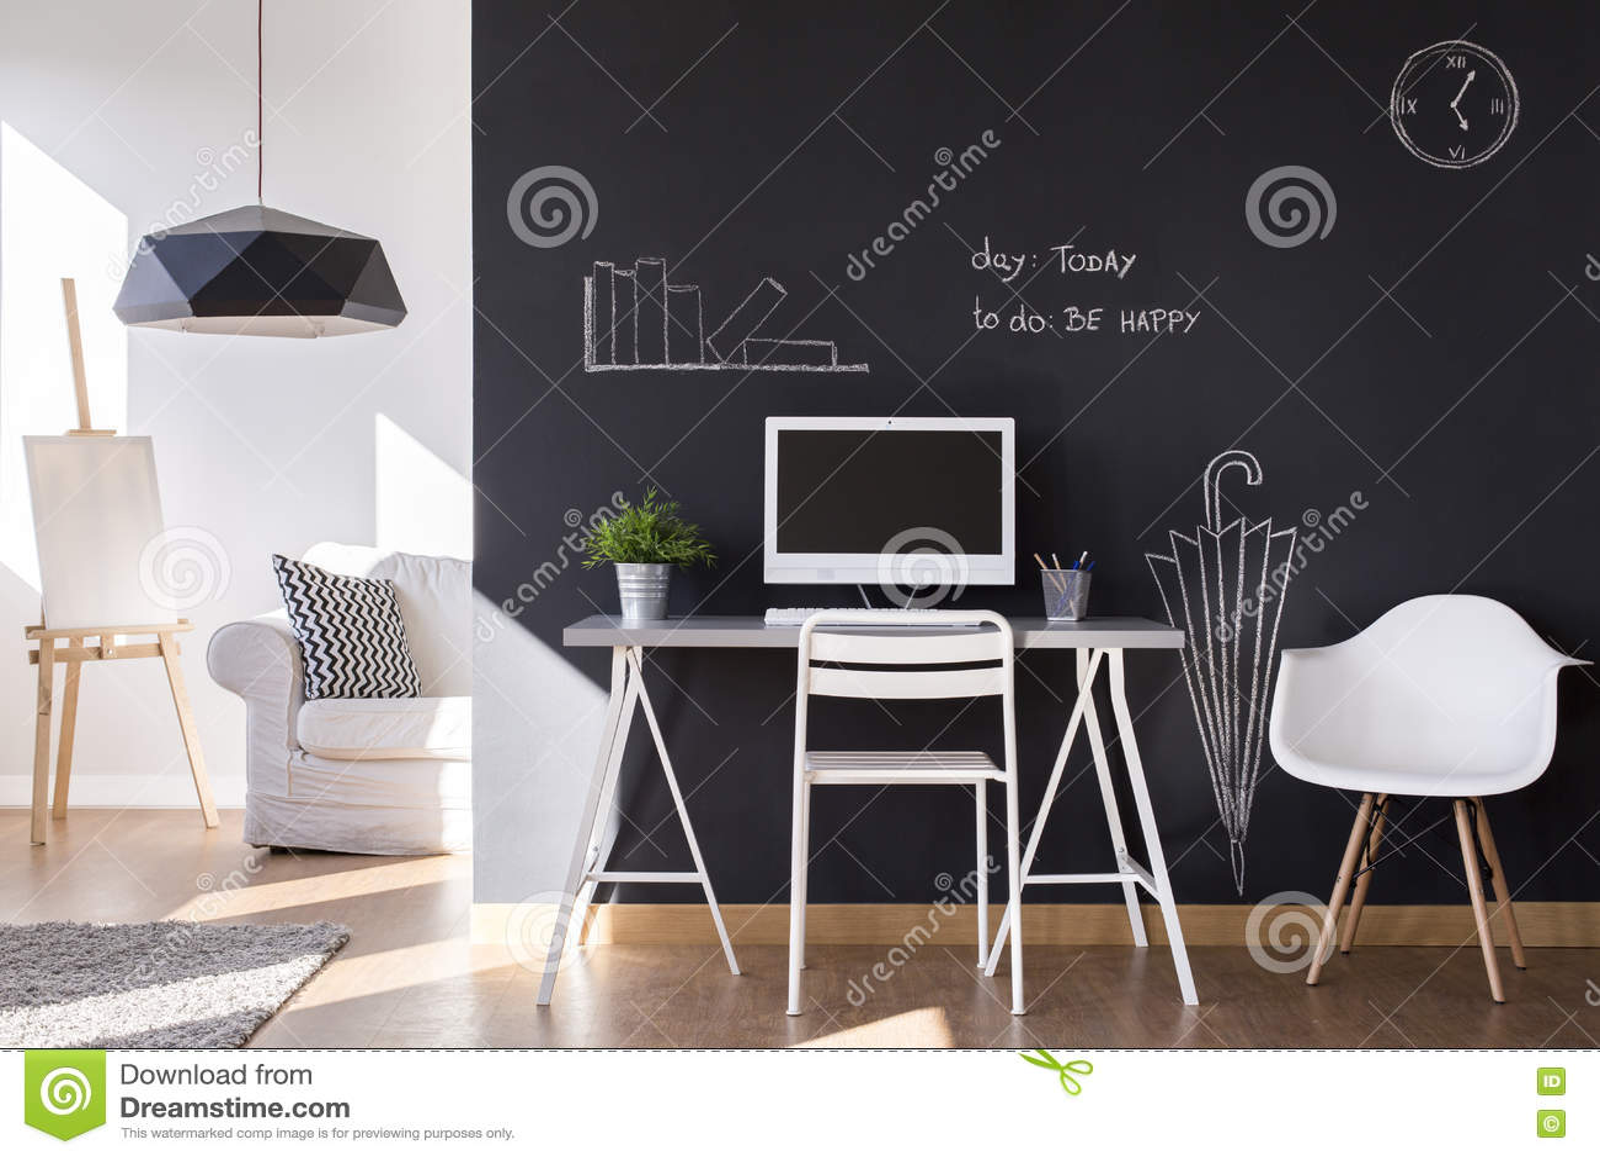 Kleiner Arbeitsplatz Mit Tafelwand Zu Hause Stockbild - Bild von ...